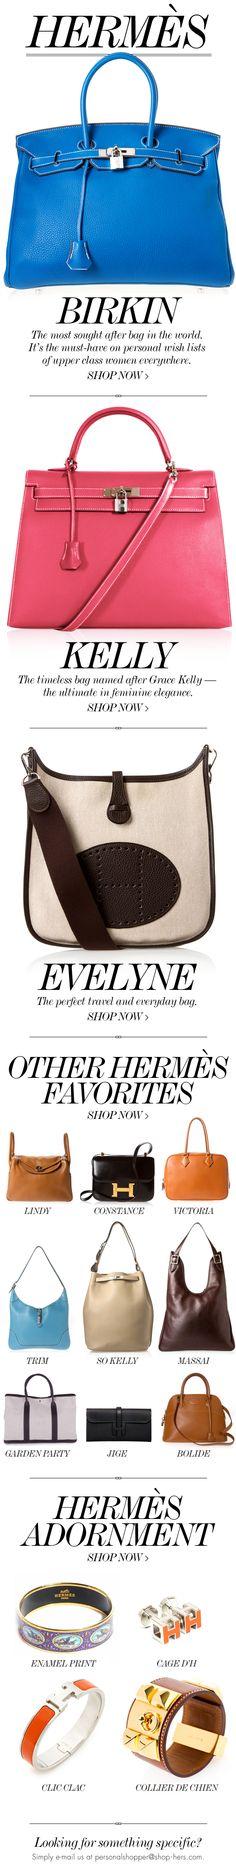 Hermes on Pinterest | Hermes Bags, Hermes Watch and Hermes Kelly